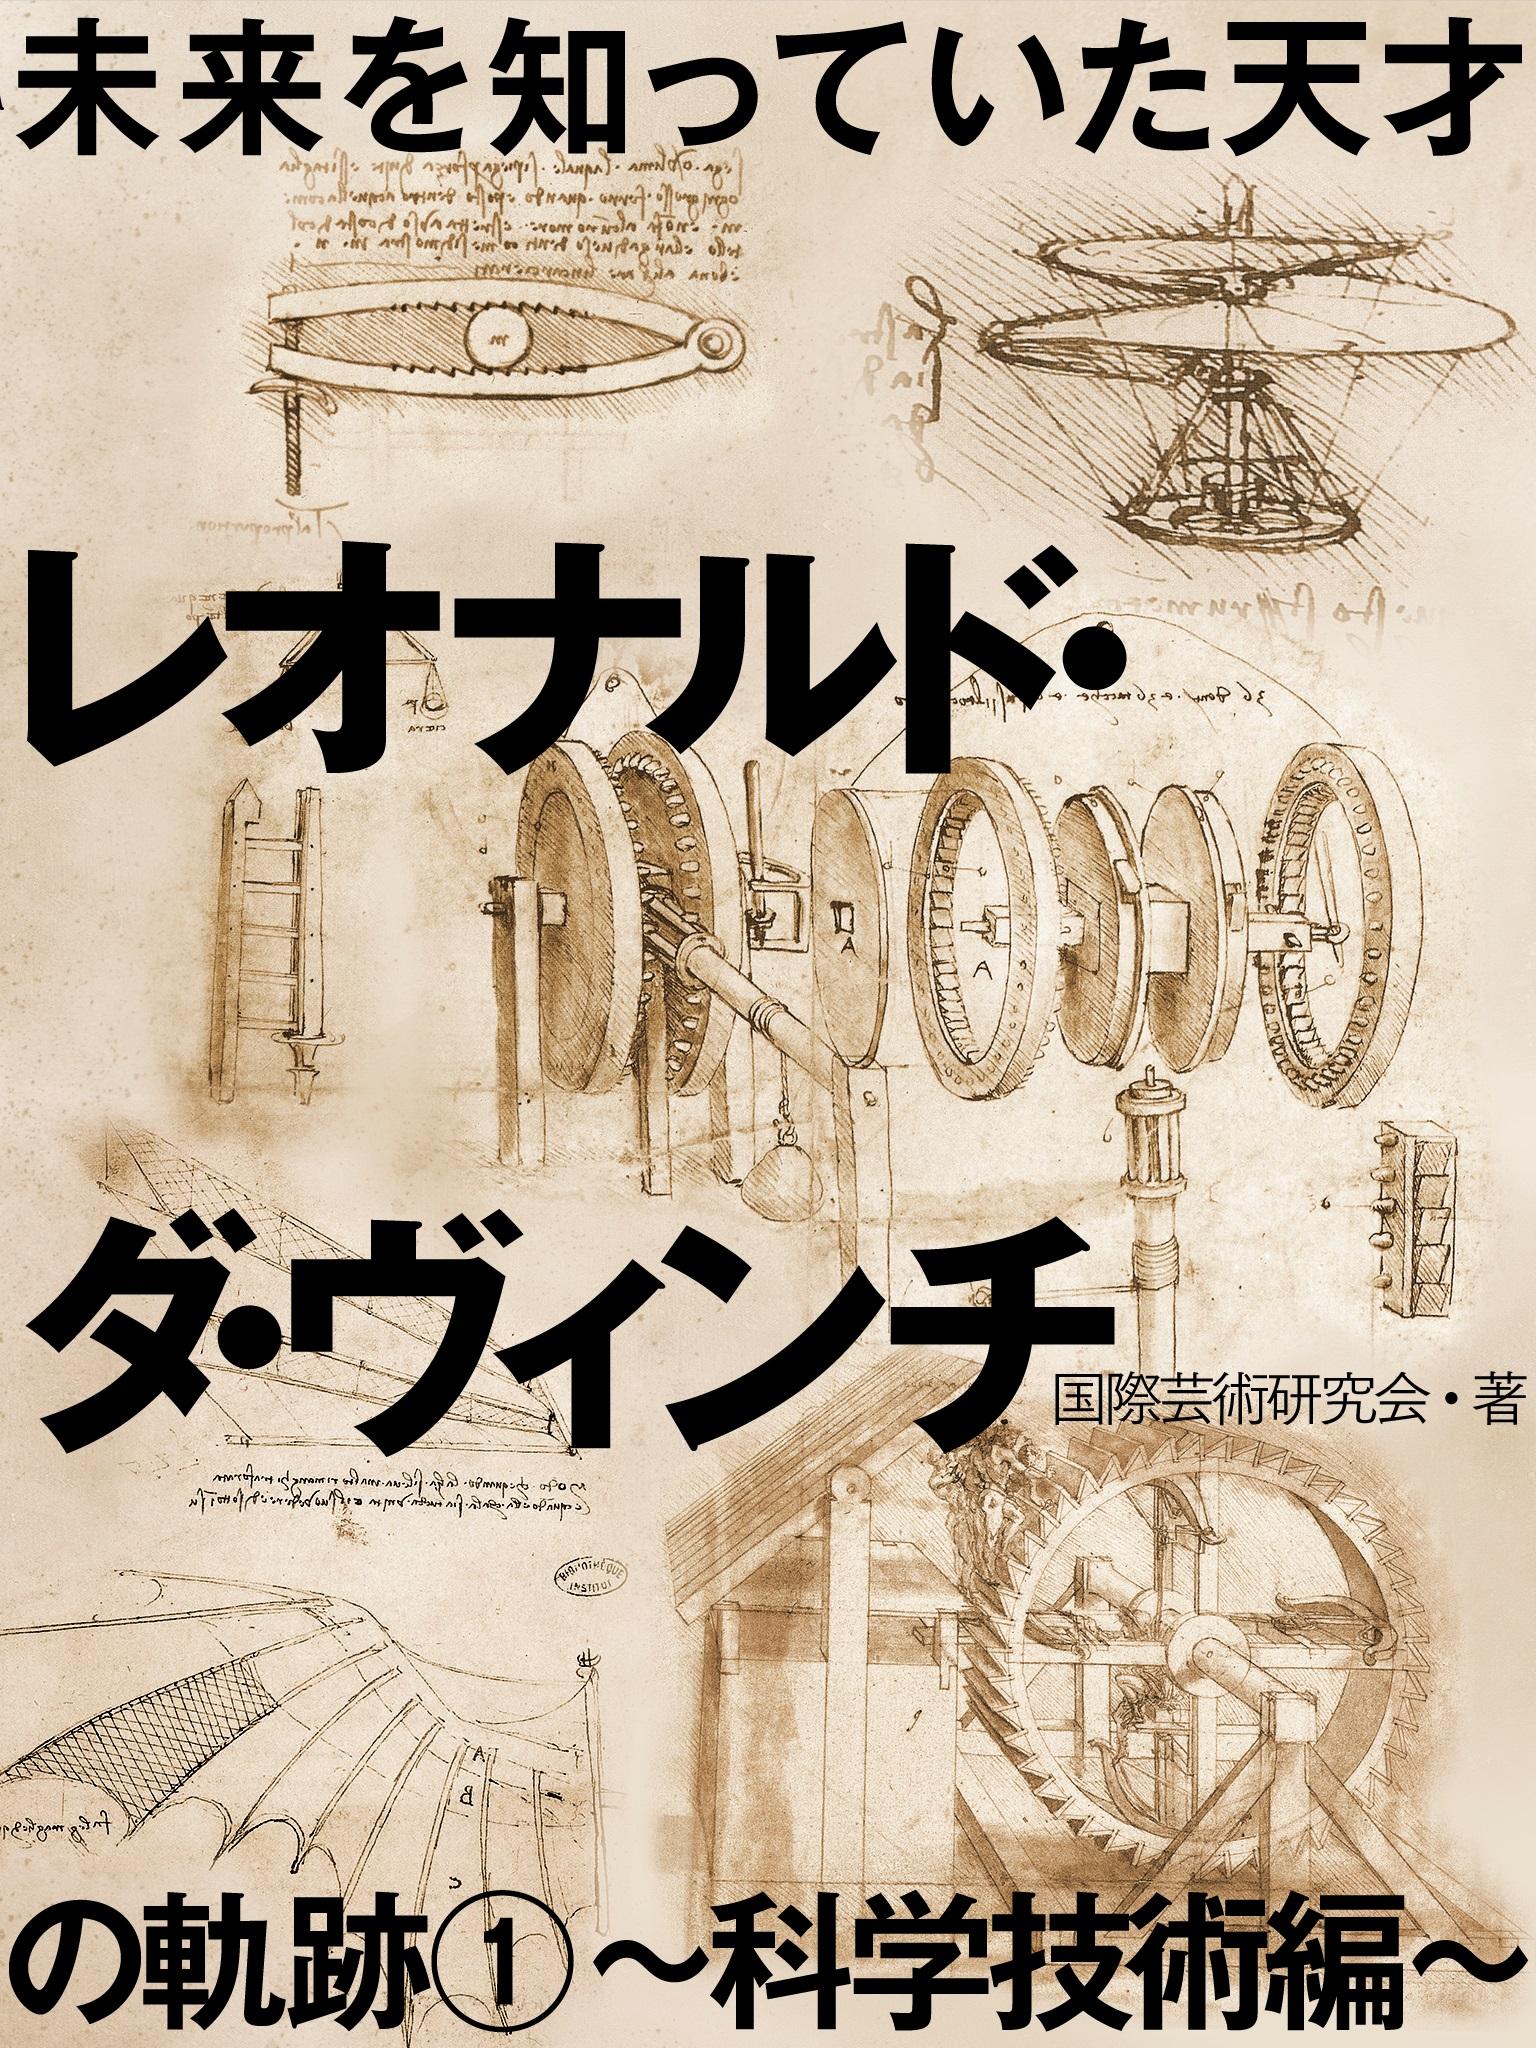 未来を知っていた天才 レオナルド・ダ・ヴィンチの軌跡1